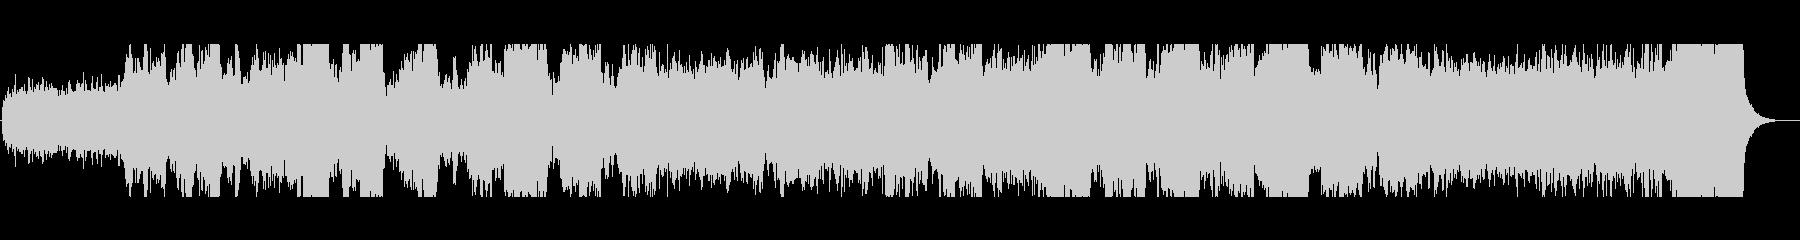 暗黒の魔城 ダーク、ホラー向けBGMの未再生の波形